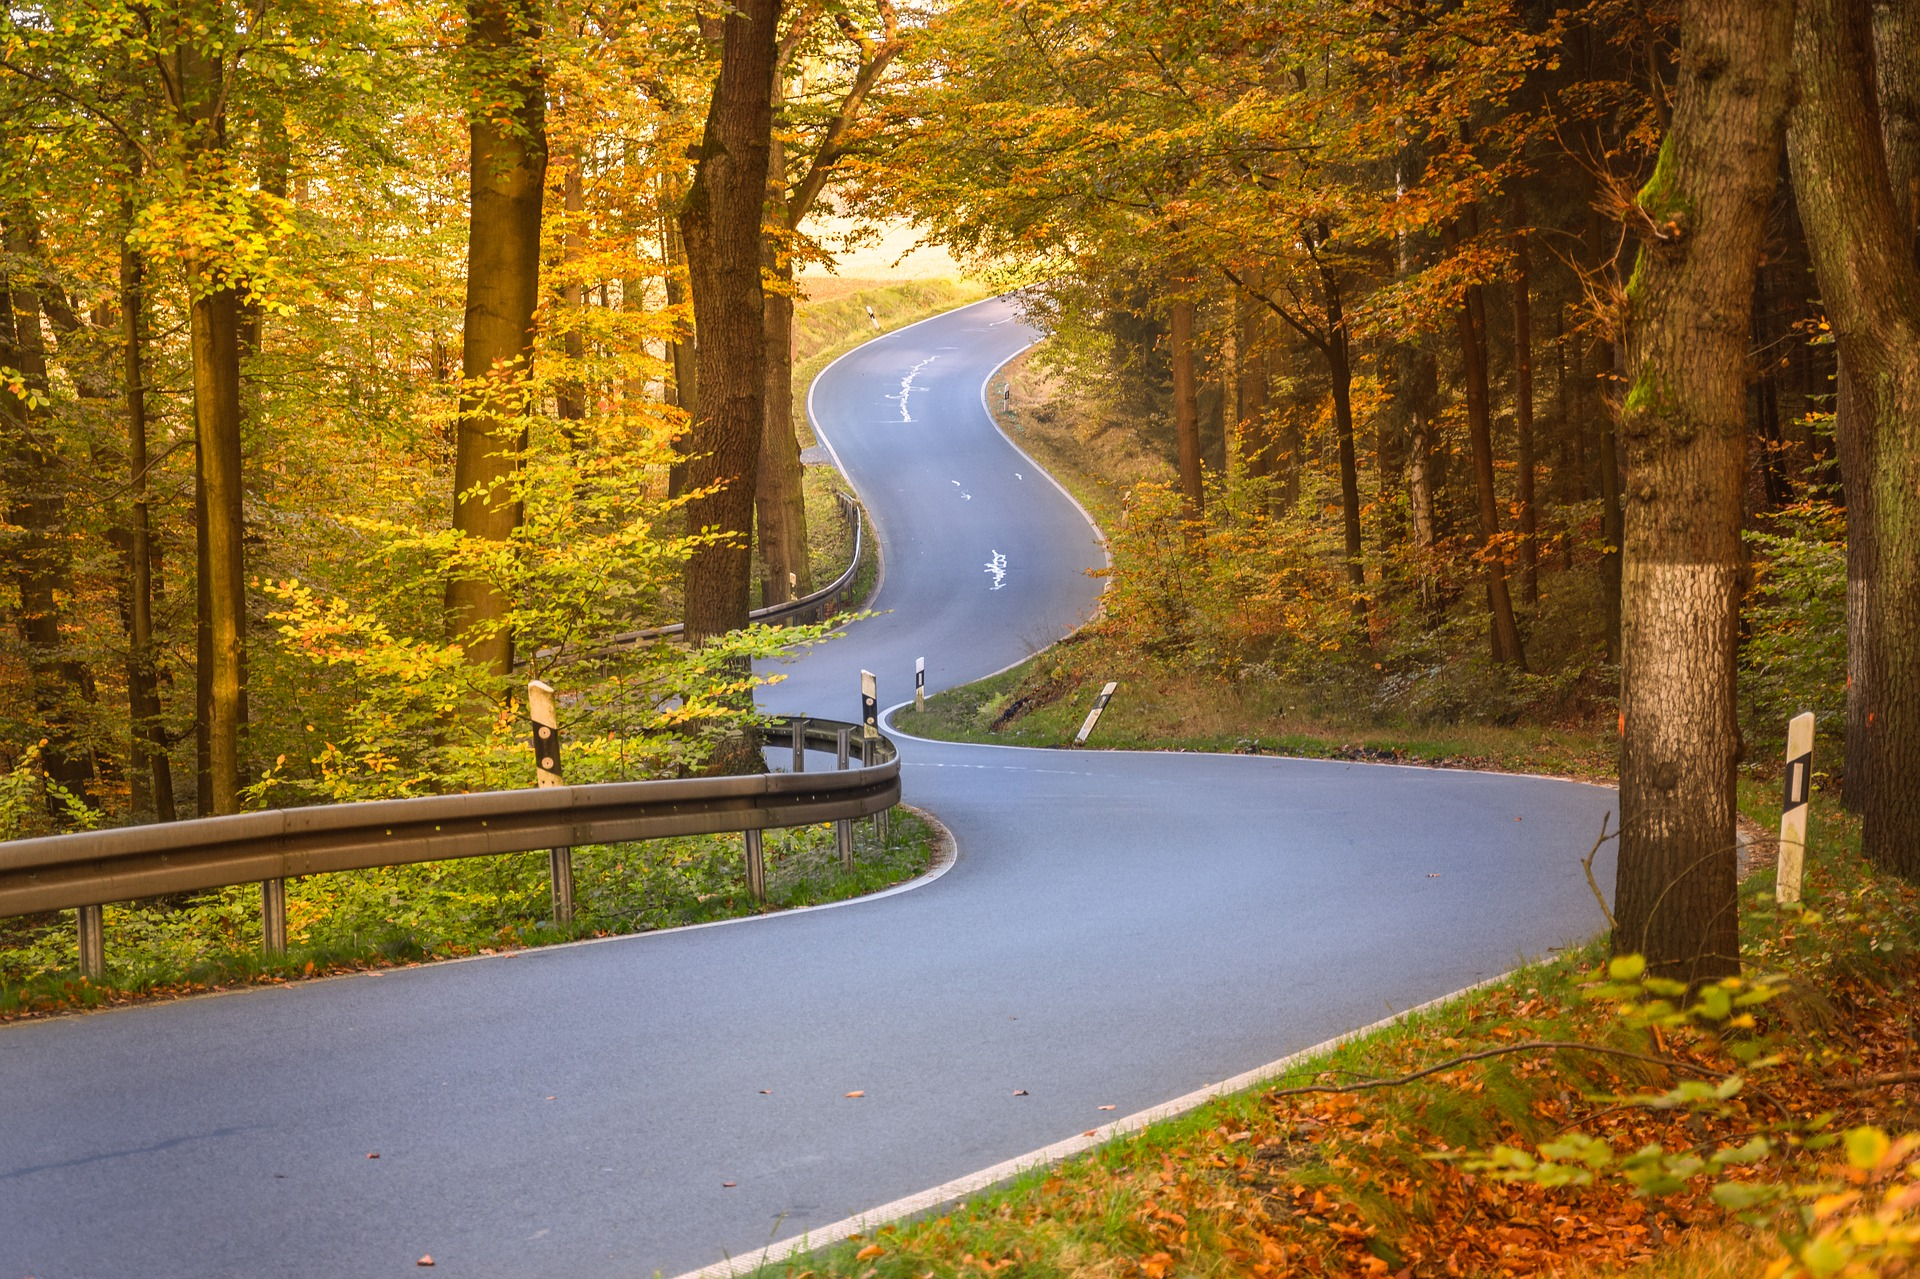 Winding road, rural, trees